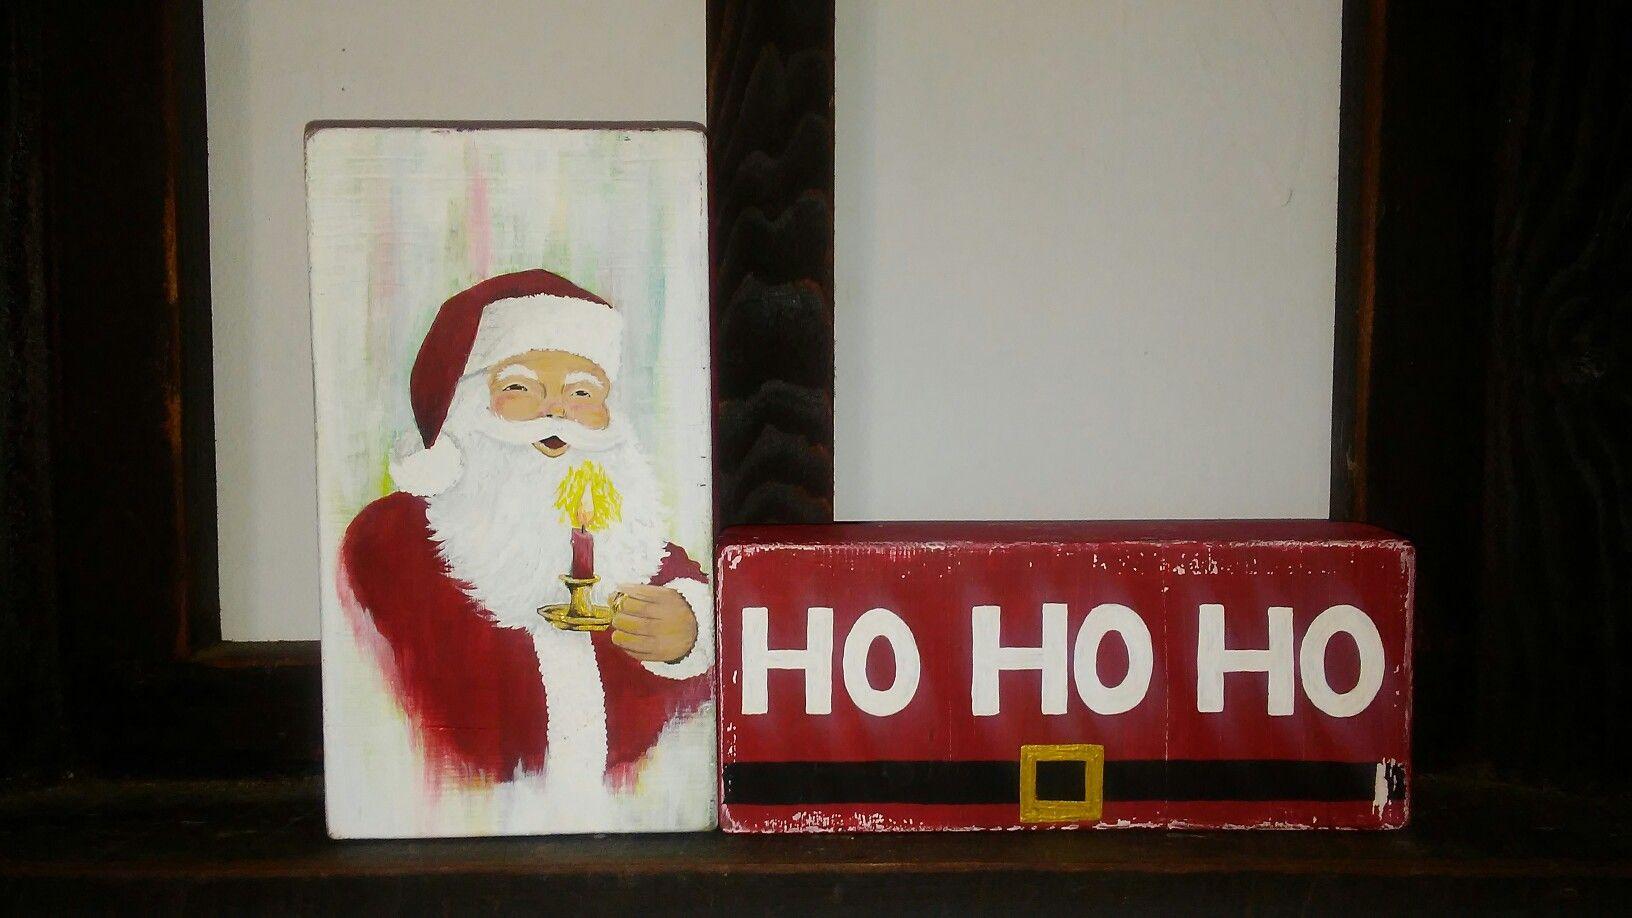 santa ho ho ho 2017 wood block sign set of 2 - Santa Hohoho 2